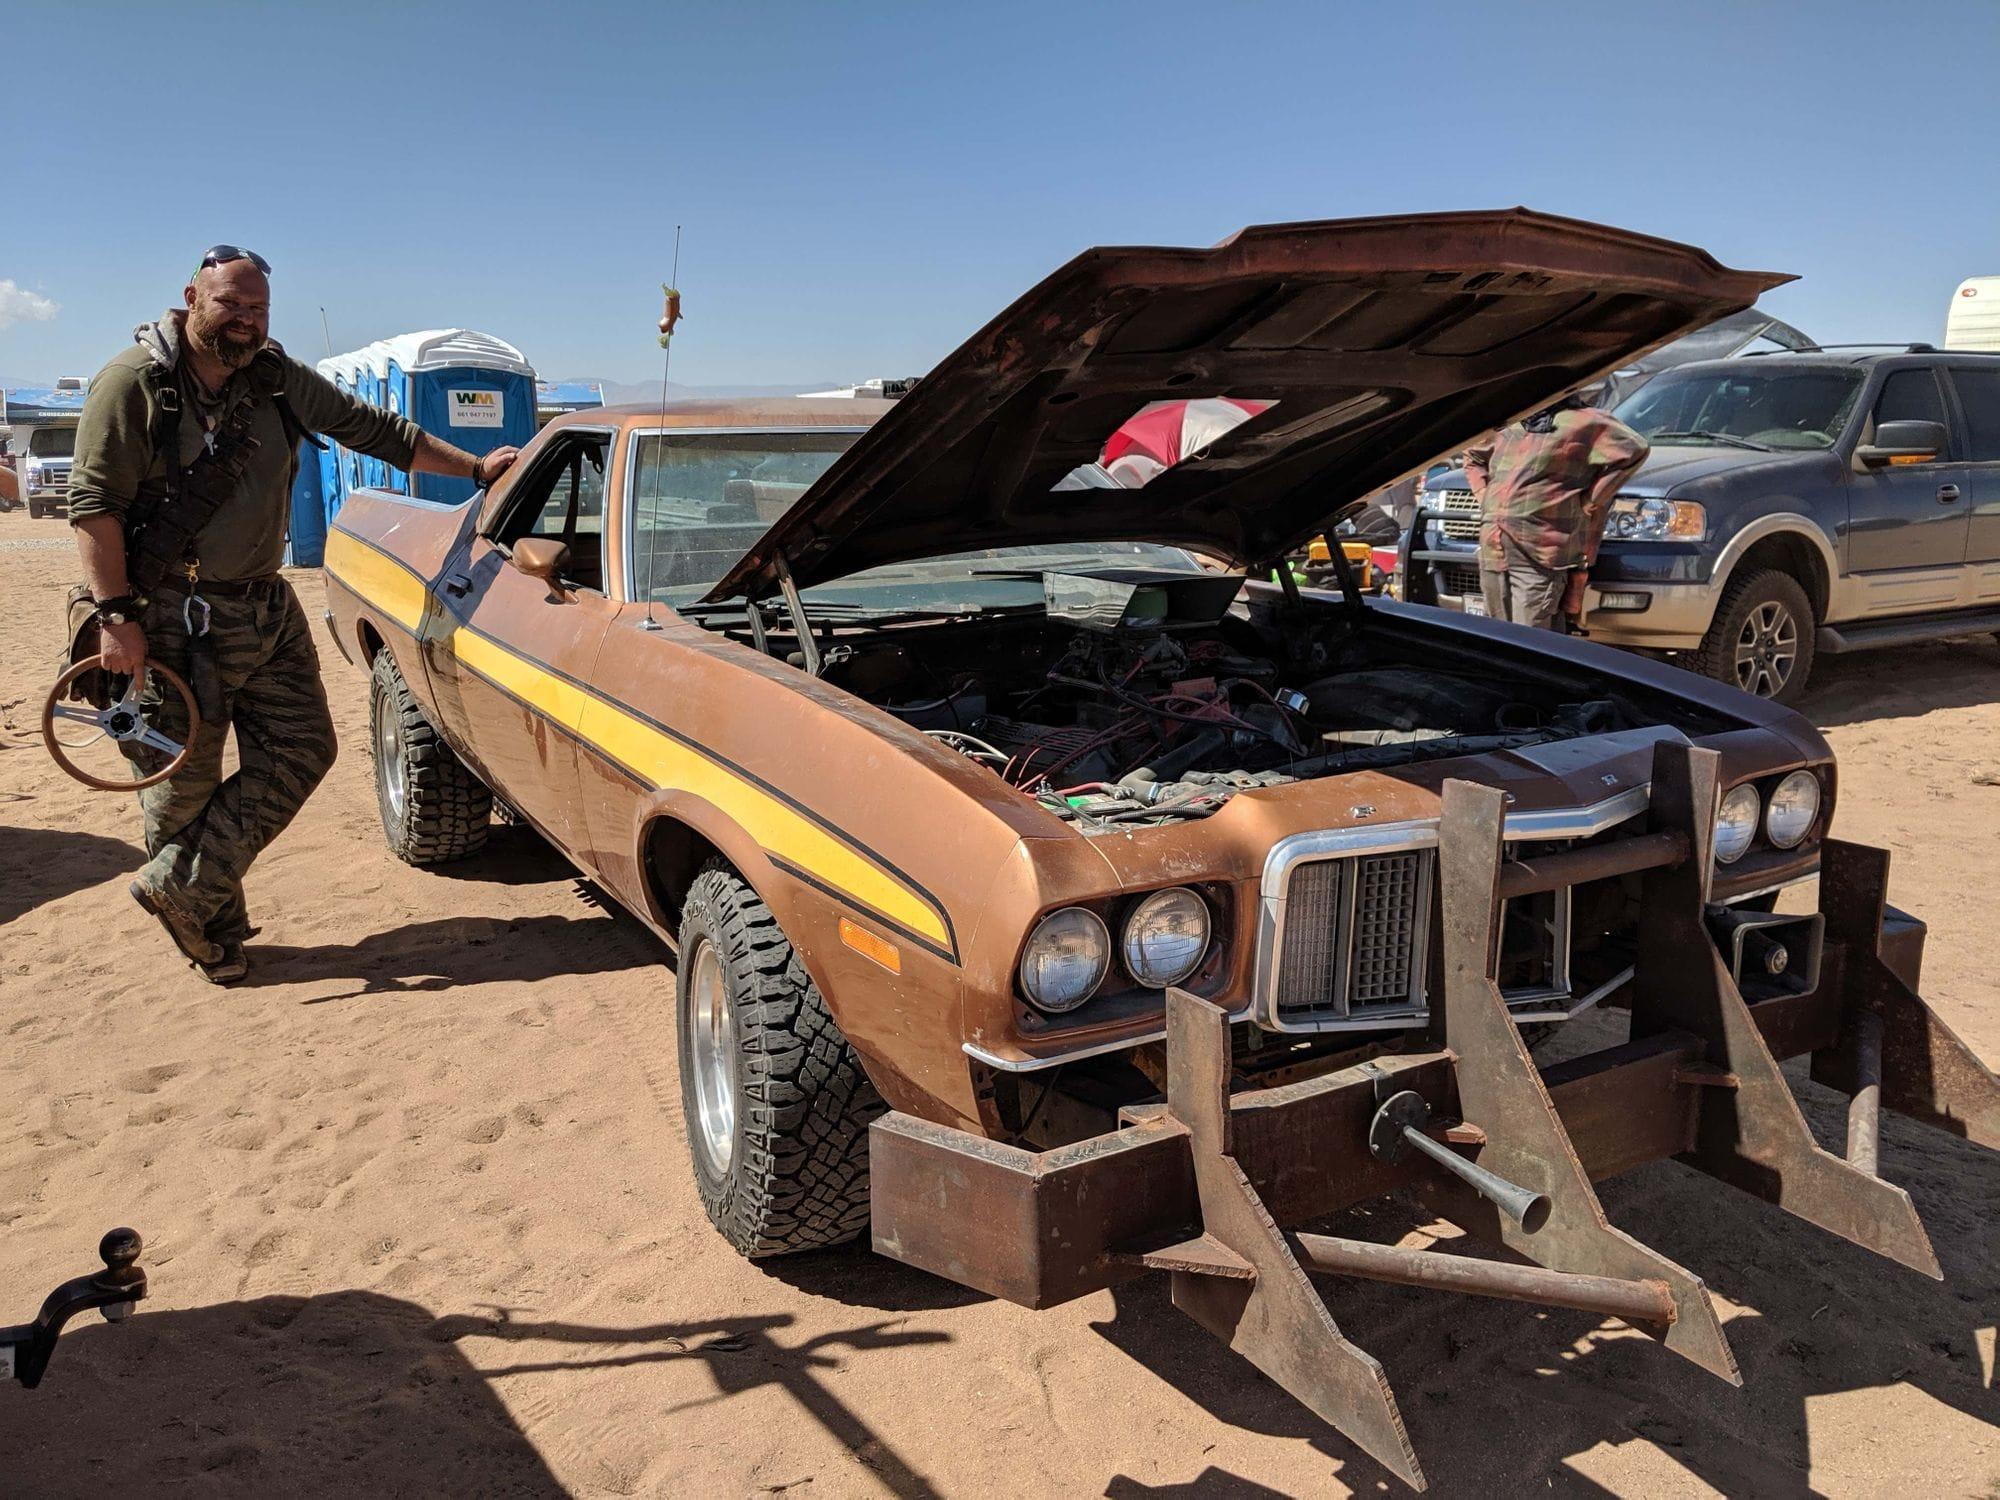 Φωτογραφία του Rocket Launcher στο πιο Mad Max φεστιβάλ